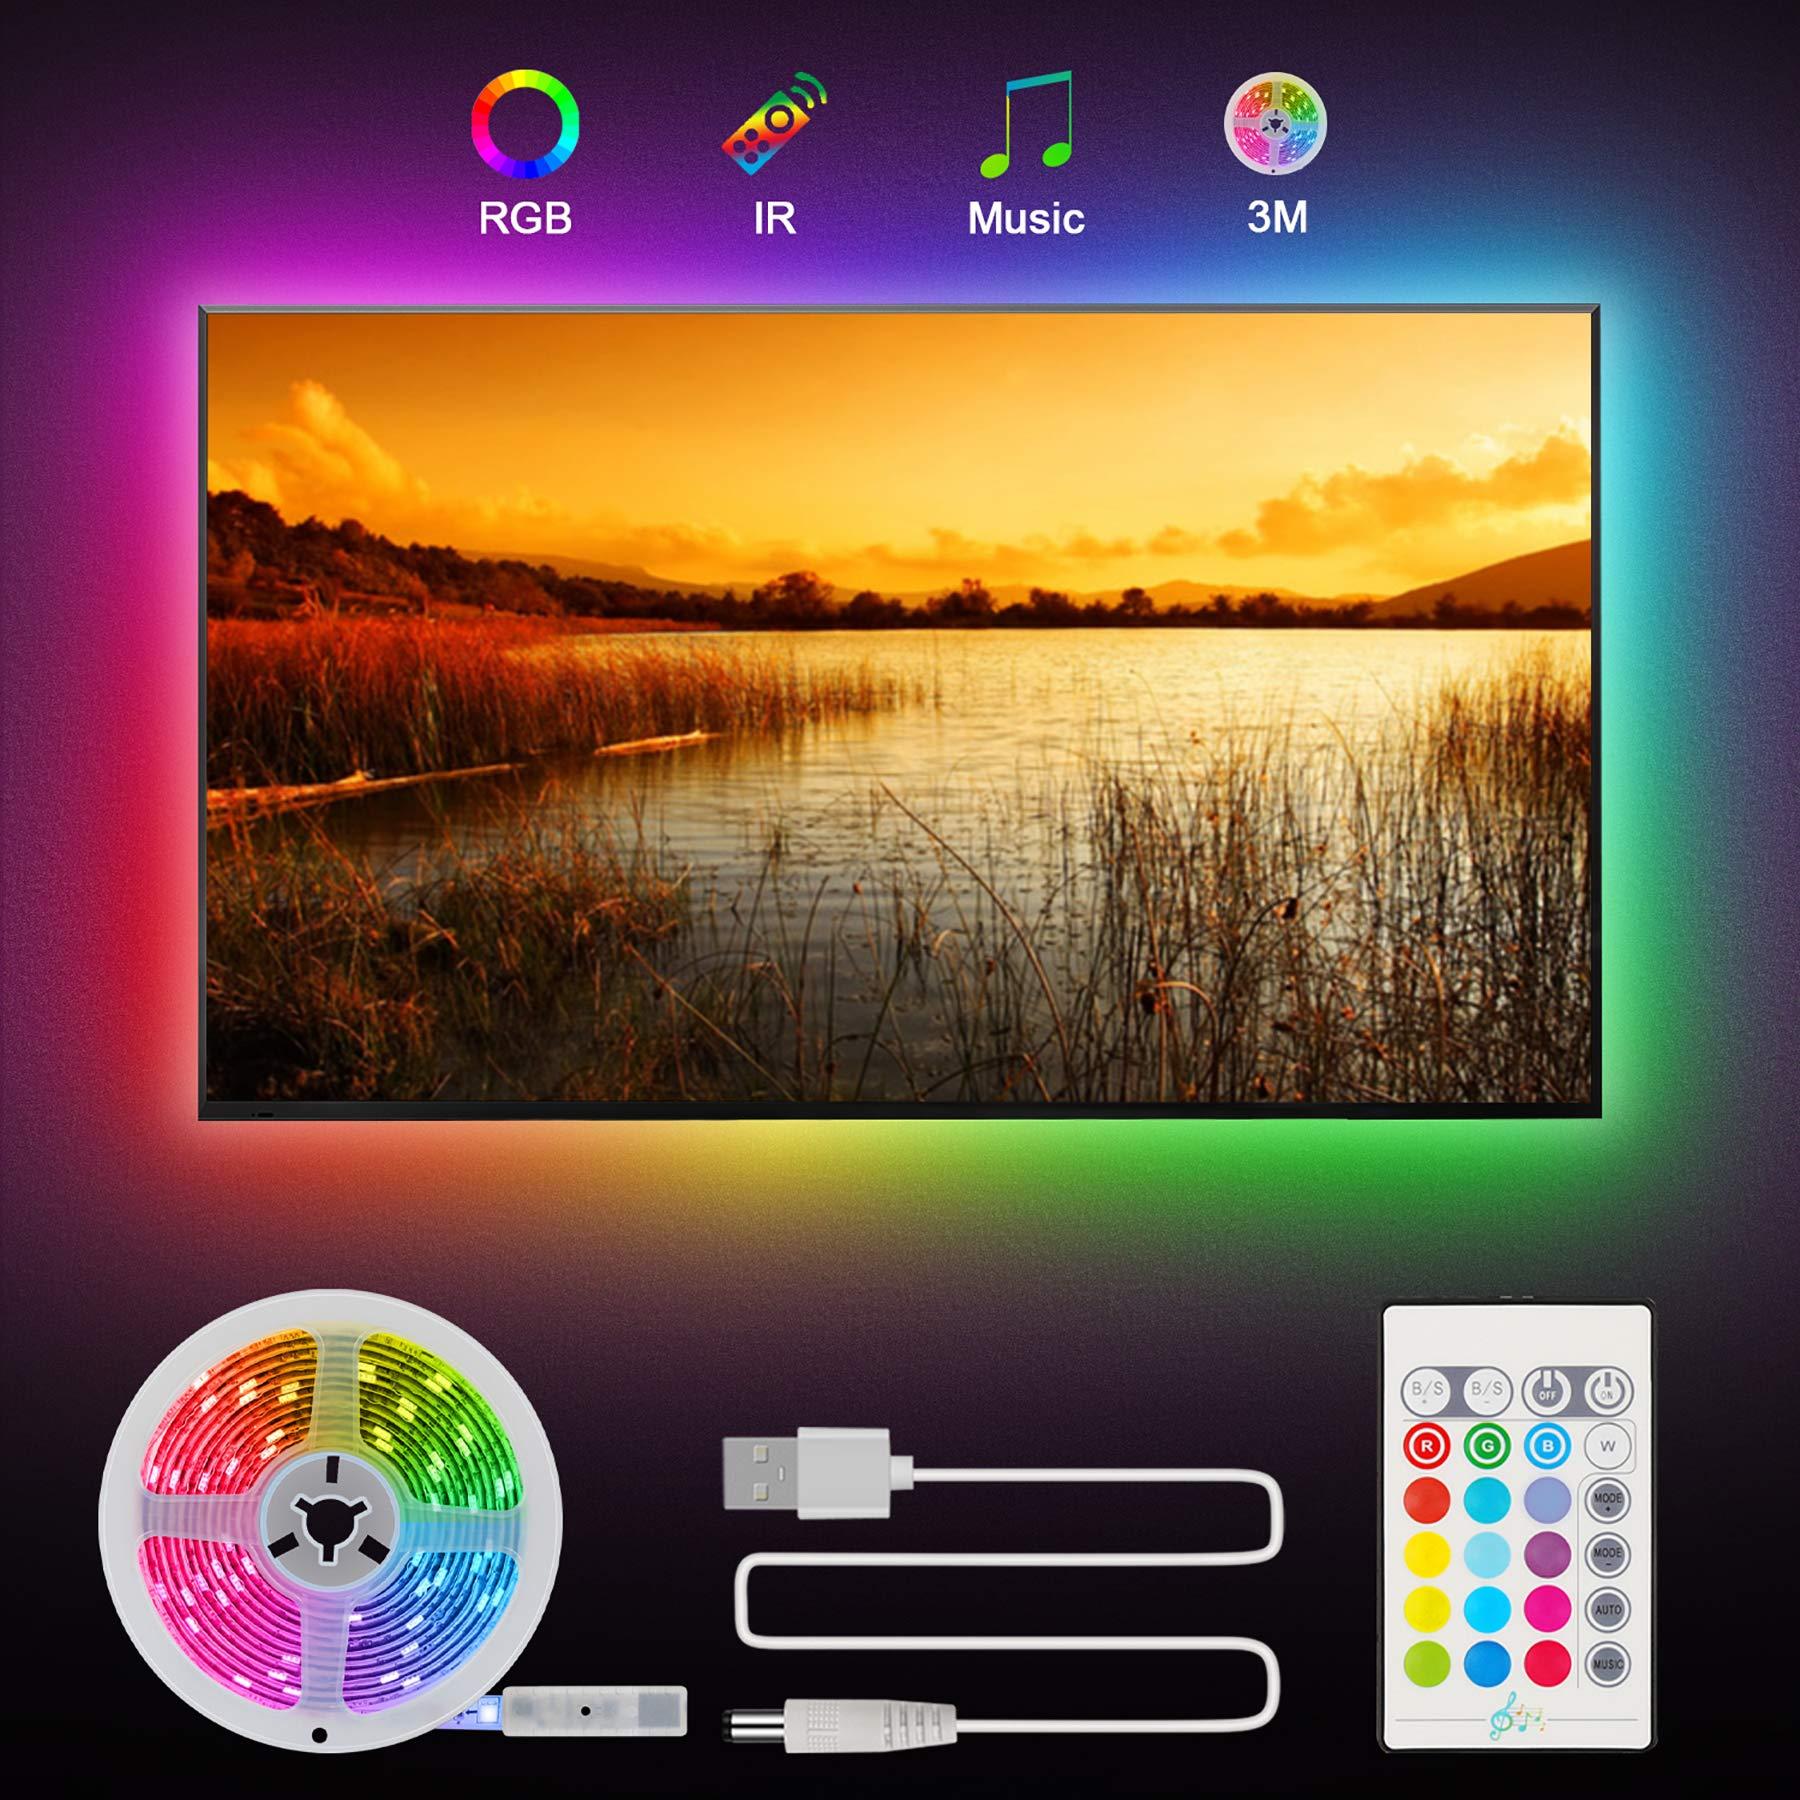 Tira LED, Zorara Tiras led TV USB 3M 90 Leds Retroiluminación con Remoto SMD 5050 RGB 16 Colores IP65 Impermeable Lluminación Ajustable para HDTV de 40-60 Pulgadas, Alimentado por USB para TV/PC: